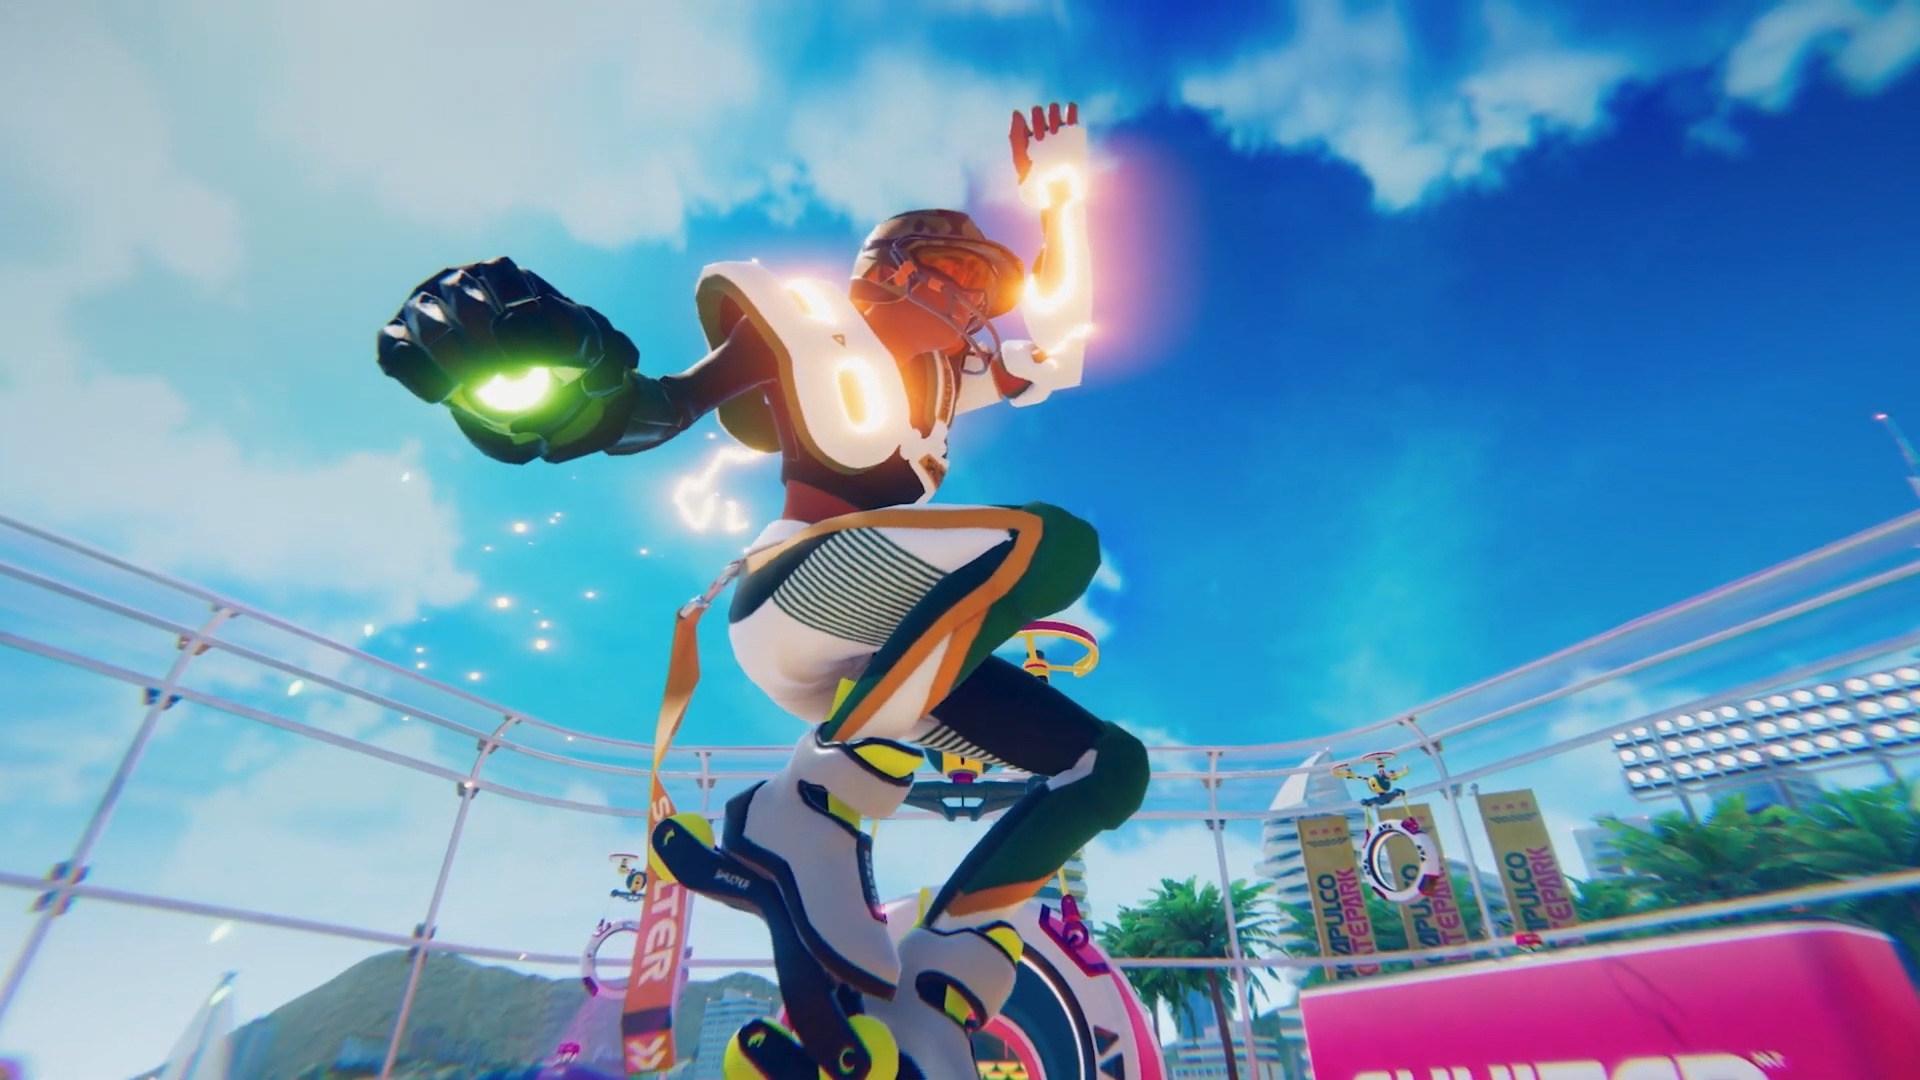 Trailer, Beta, Ubisoft, Online-Spiele, Free-to-Play, Betatest, Sportspiel, Roller Champions